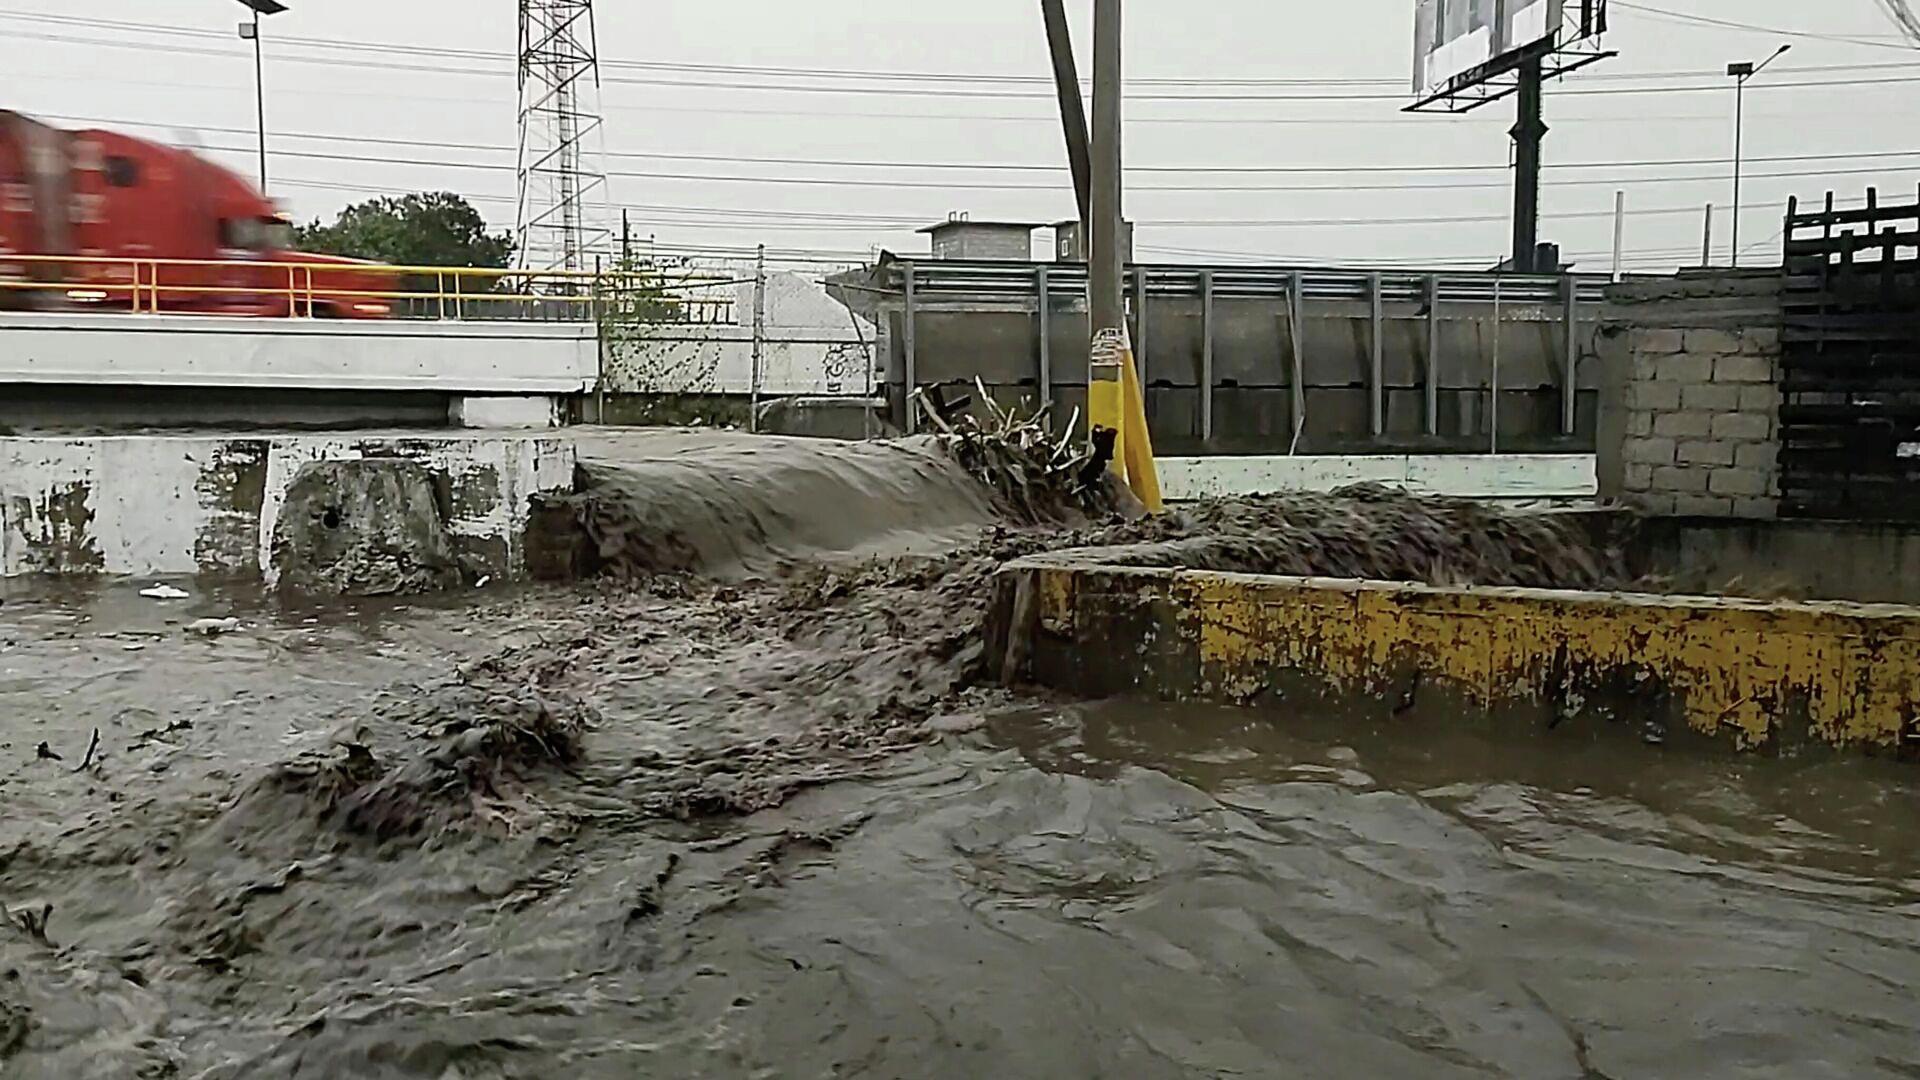 La inundación en centro de México - Sputnik Mundo, 1920, 07.09.2021